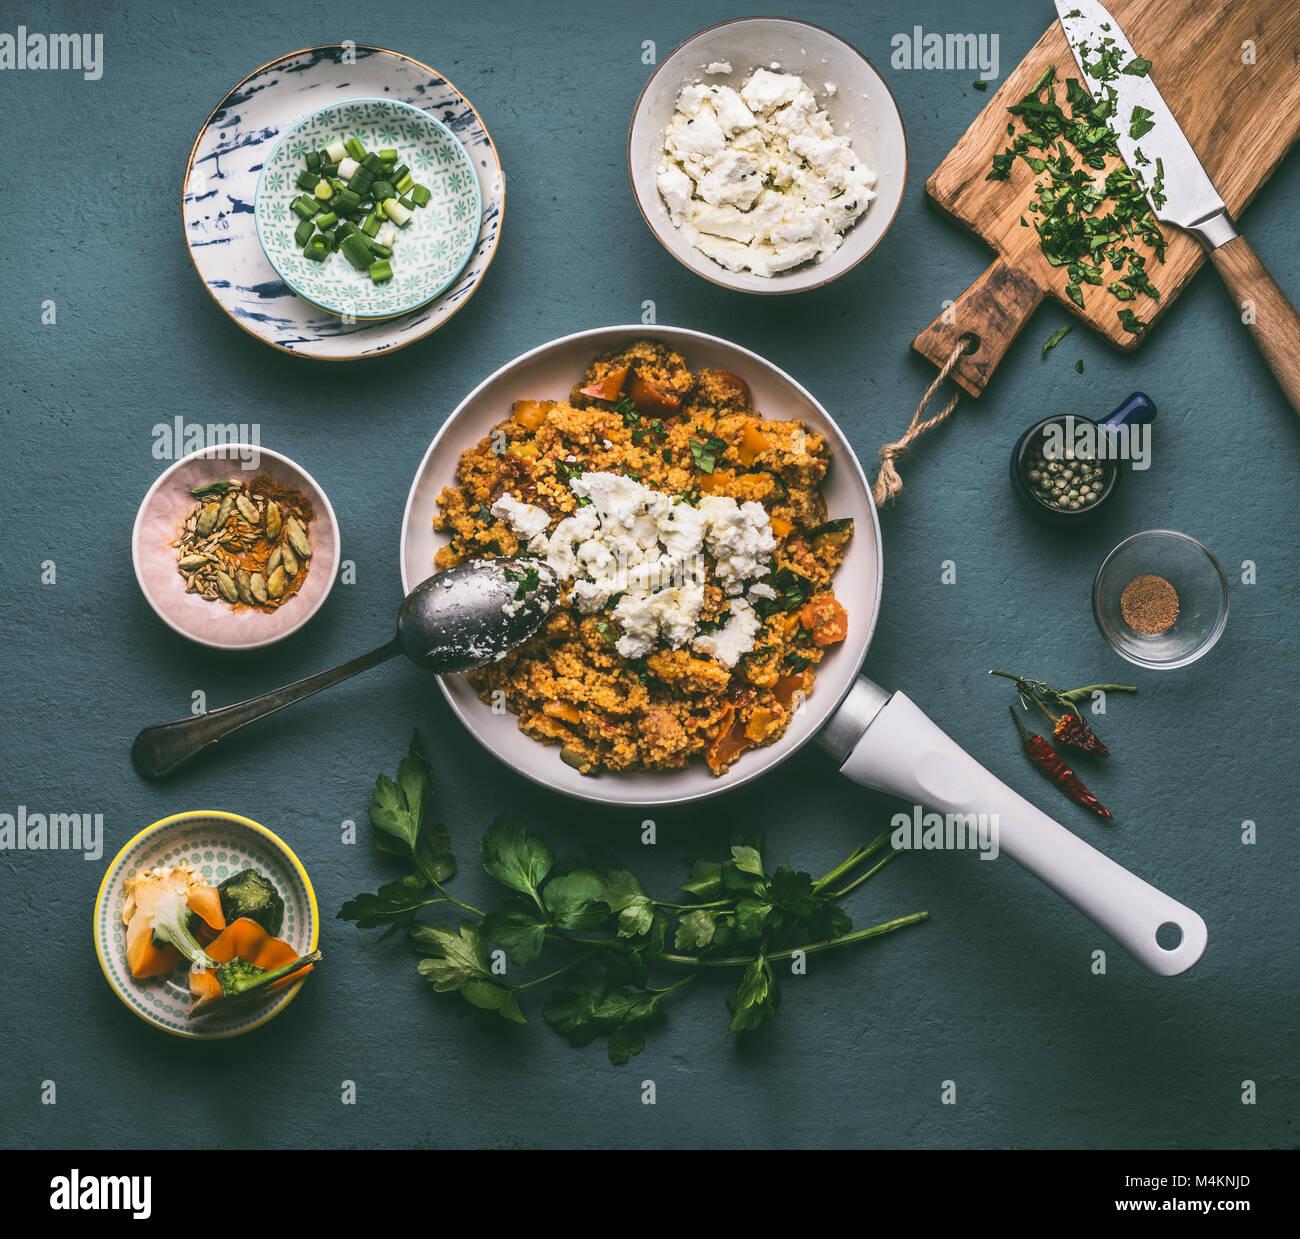 Un Vegetarien Sain Pot Couscous De Legumes Et Fromage Feta En Blanc Pan Vue D En Haut Repas Savoureux Diner Fait Maison Facile Photo Stock Alamy